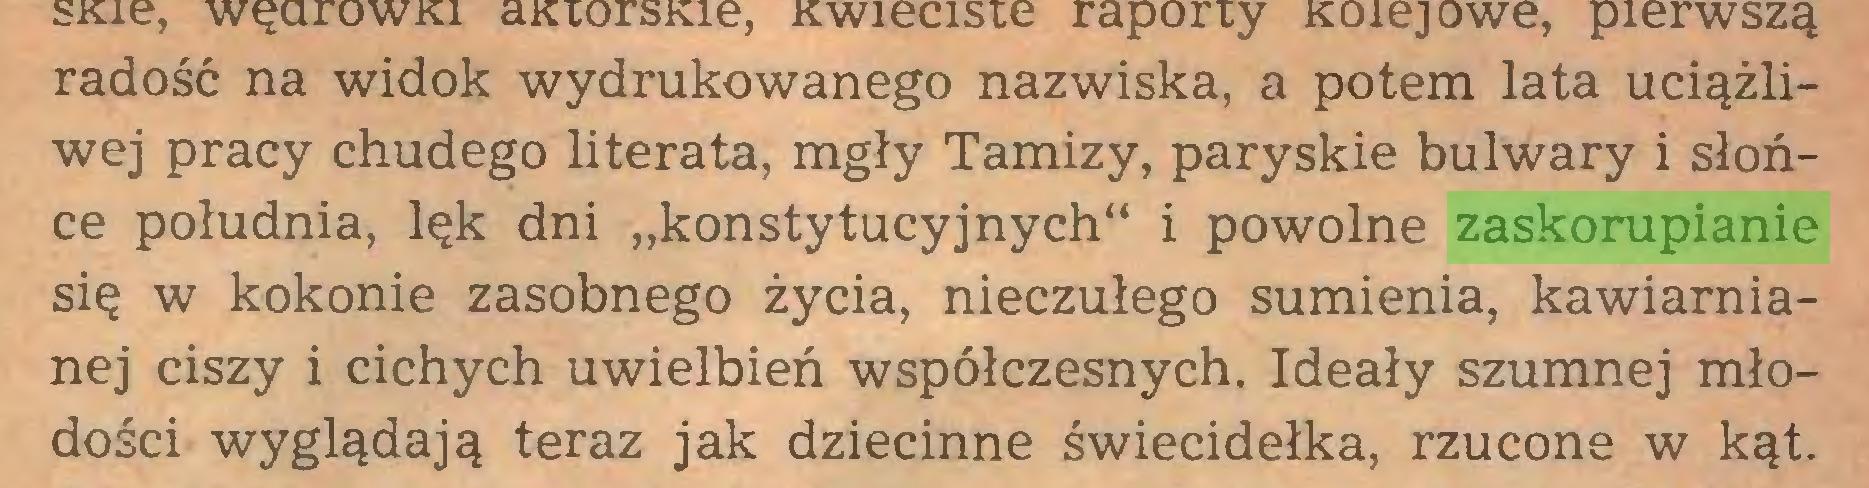 """(...) radość na widok wydrukowanego nazwiska, a potem lata uciążliwej pracy chudego literata, mgły Tamizy, paryskie bulwary i słońce południa, lęk dni """"konstytucyjnych"""" i powolne zaskorupianie się w kokonie zasobnego życia, nieczułego sumienia, kawiarnianej ciszy i cichych uwielbień współczesnych. Ideały szumnej młodości wyglądają teraz jak dziecinne świecidełka, rzucone w kąt..."""